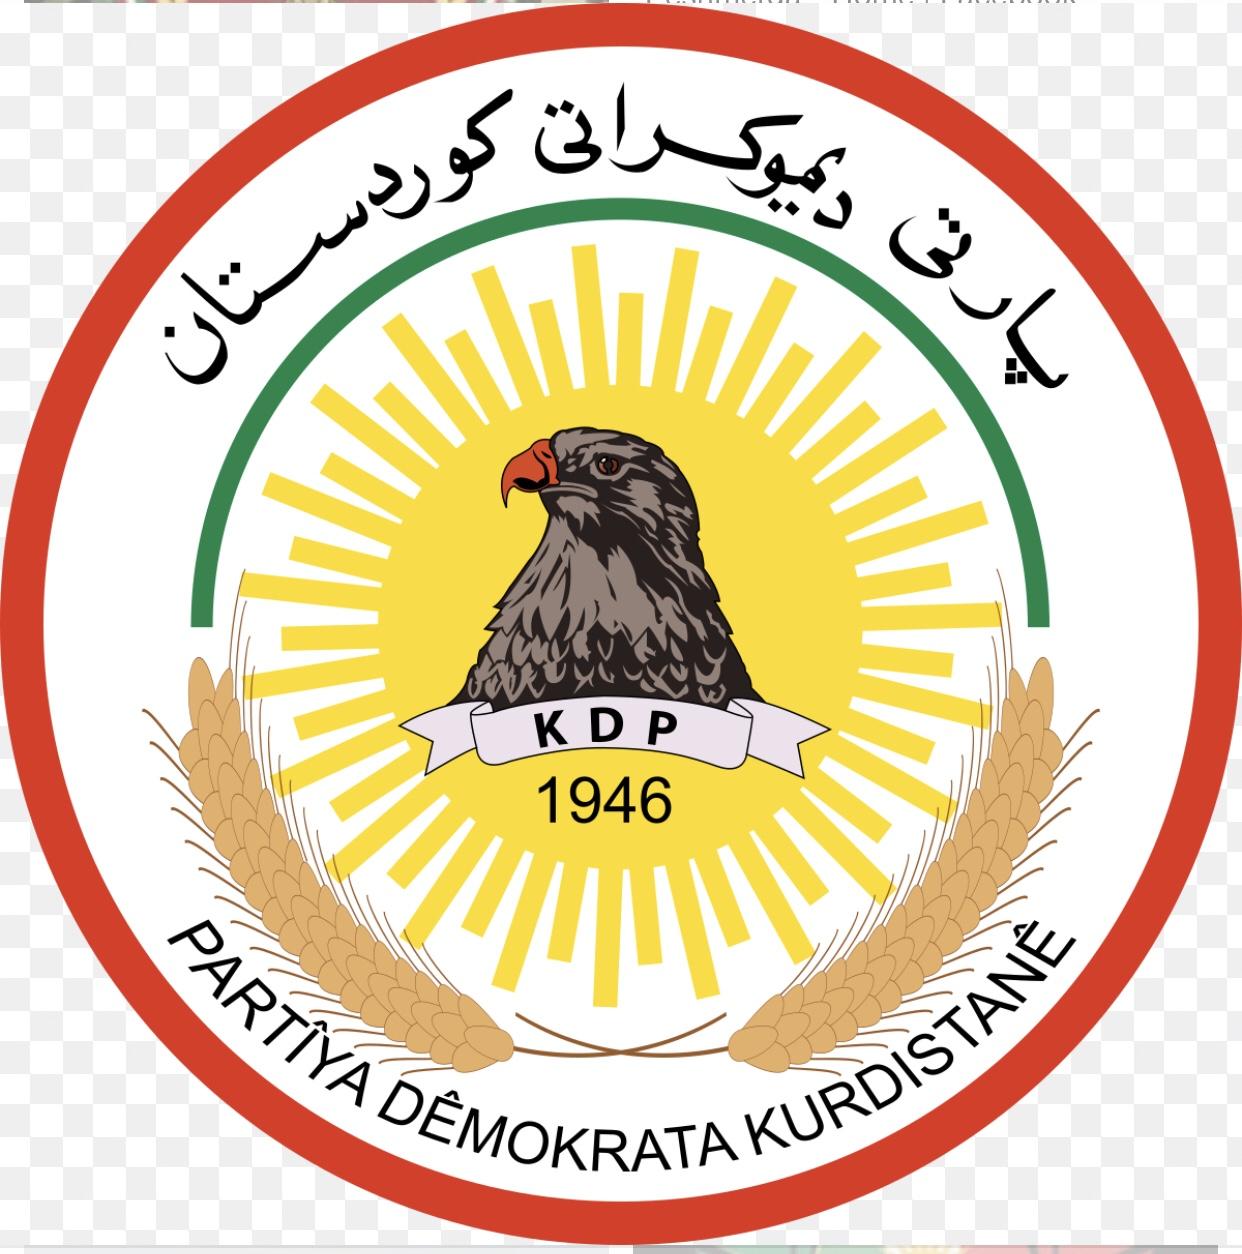 1946 - Kurdistan Founded